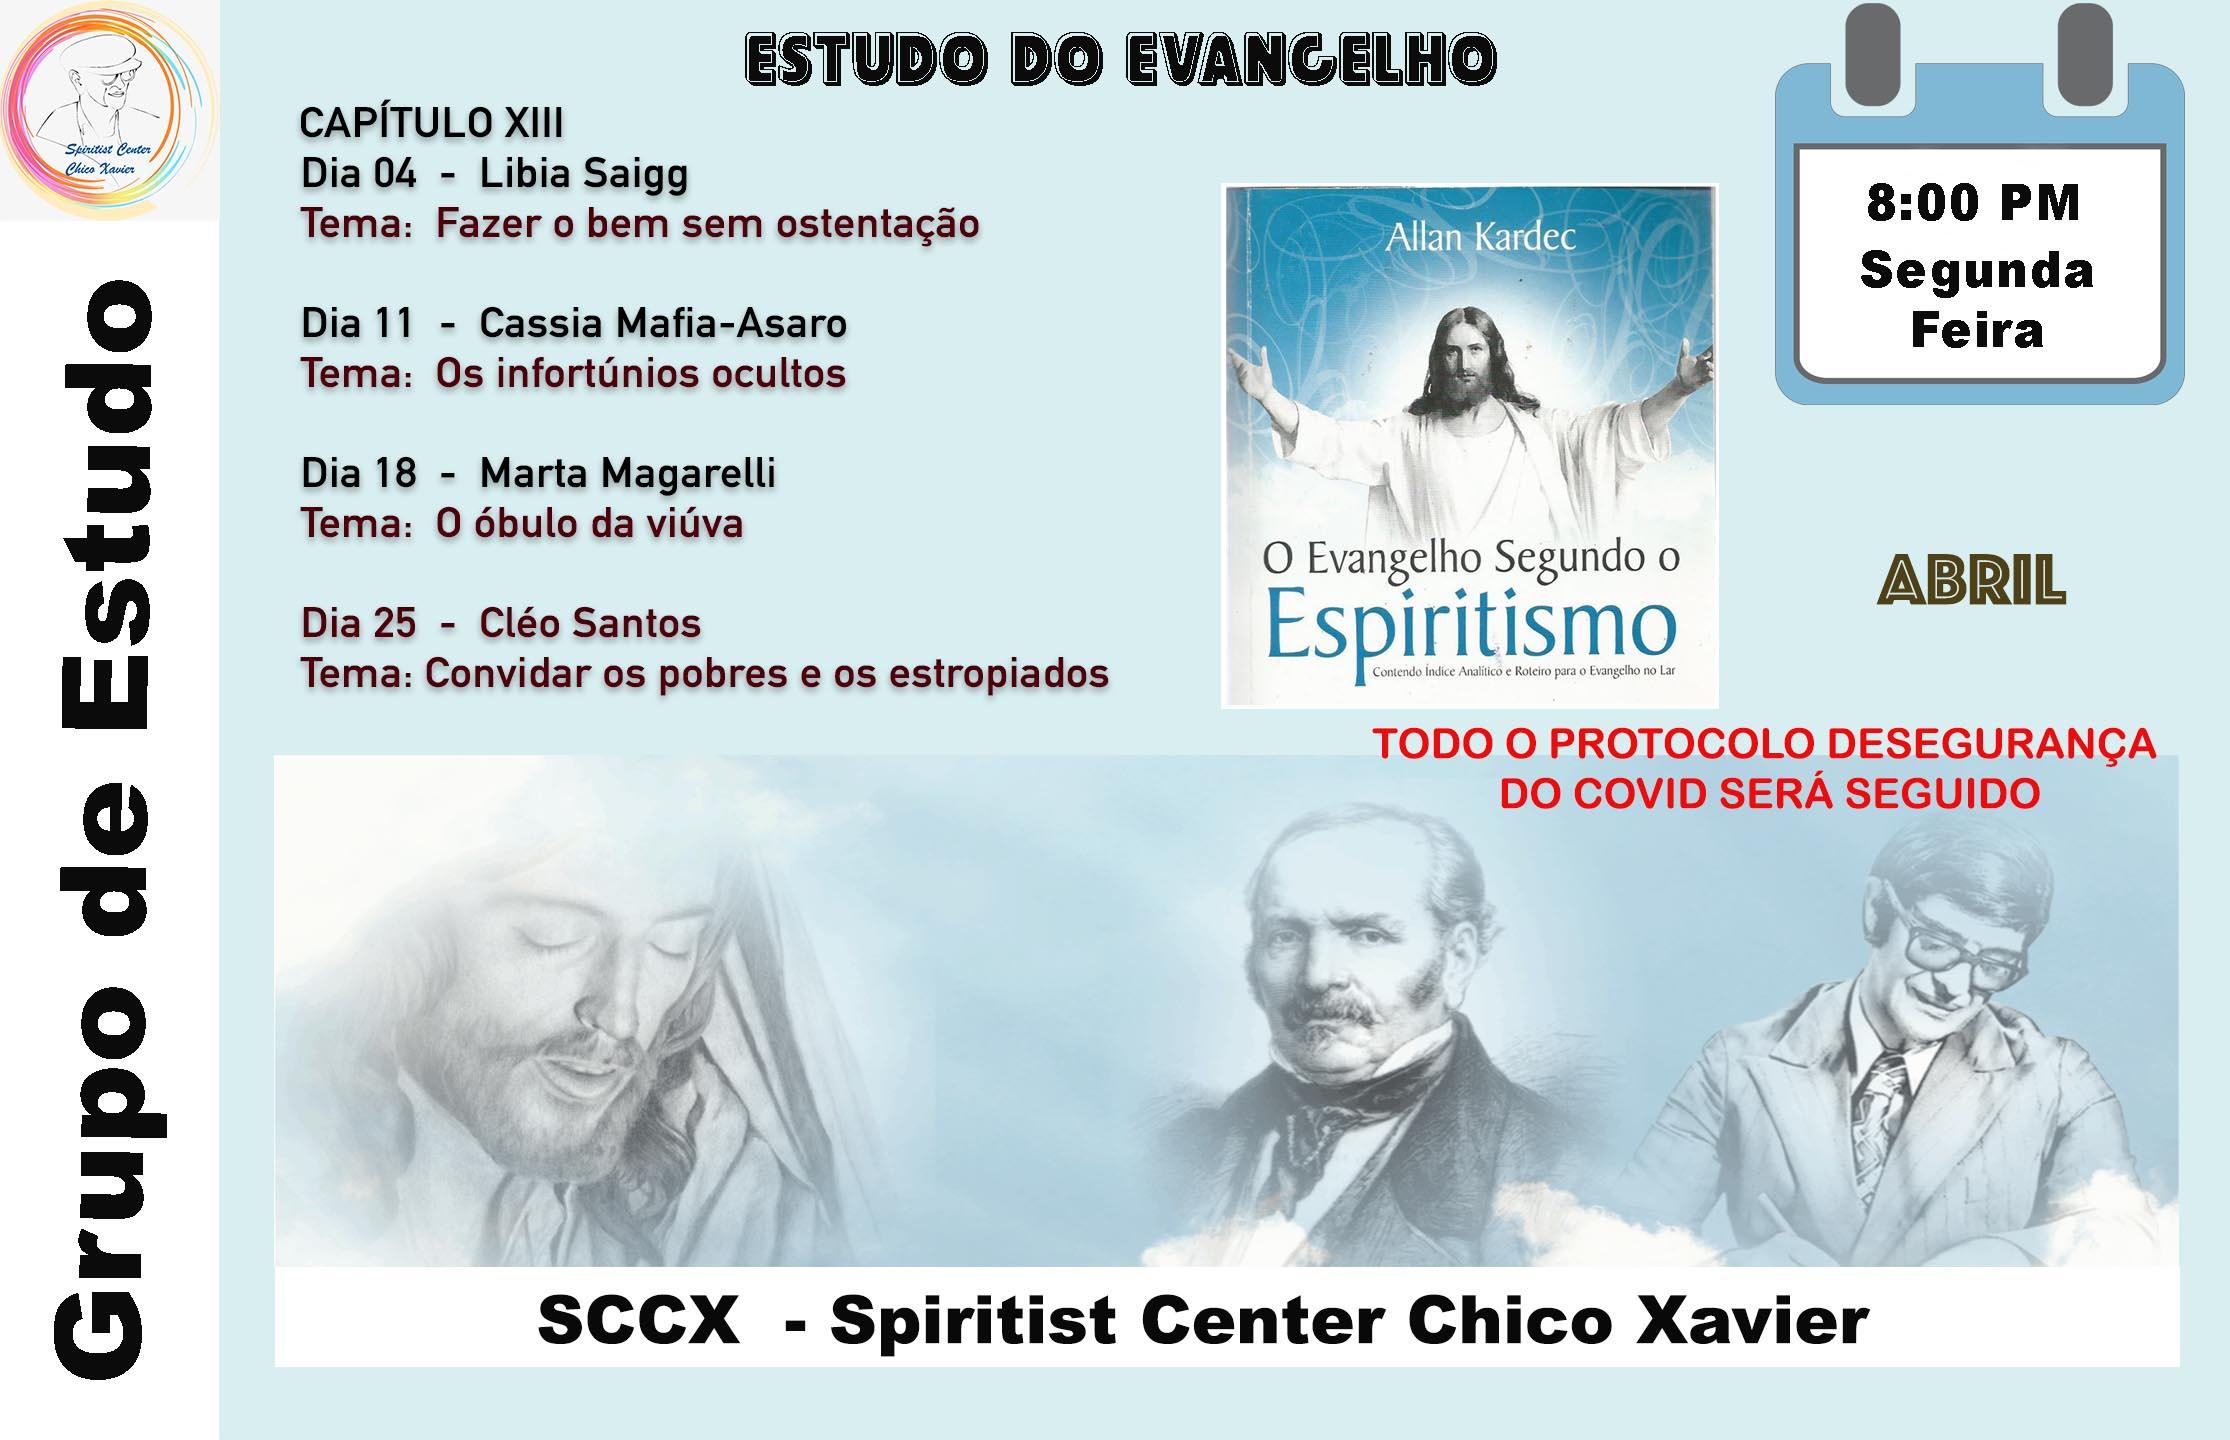 Est do Evangelho Apr 21